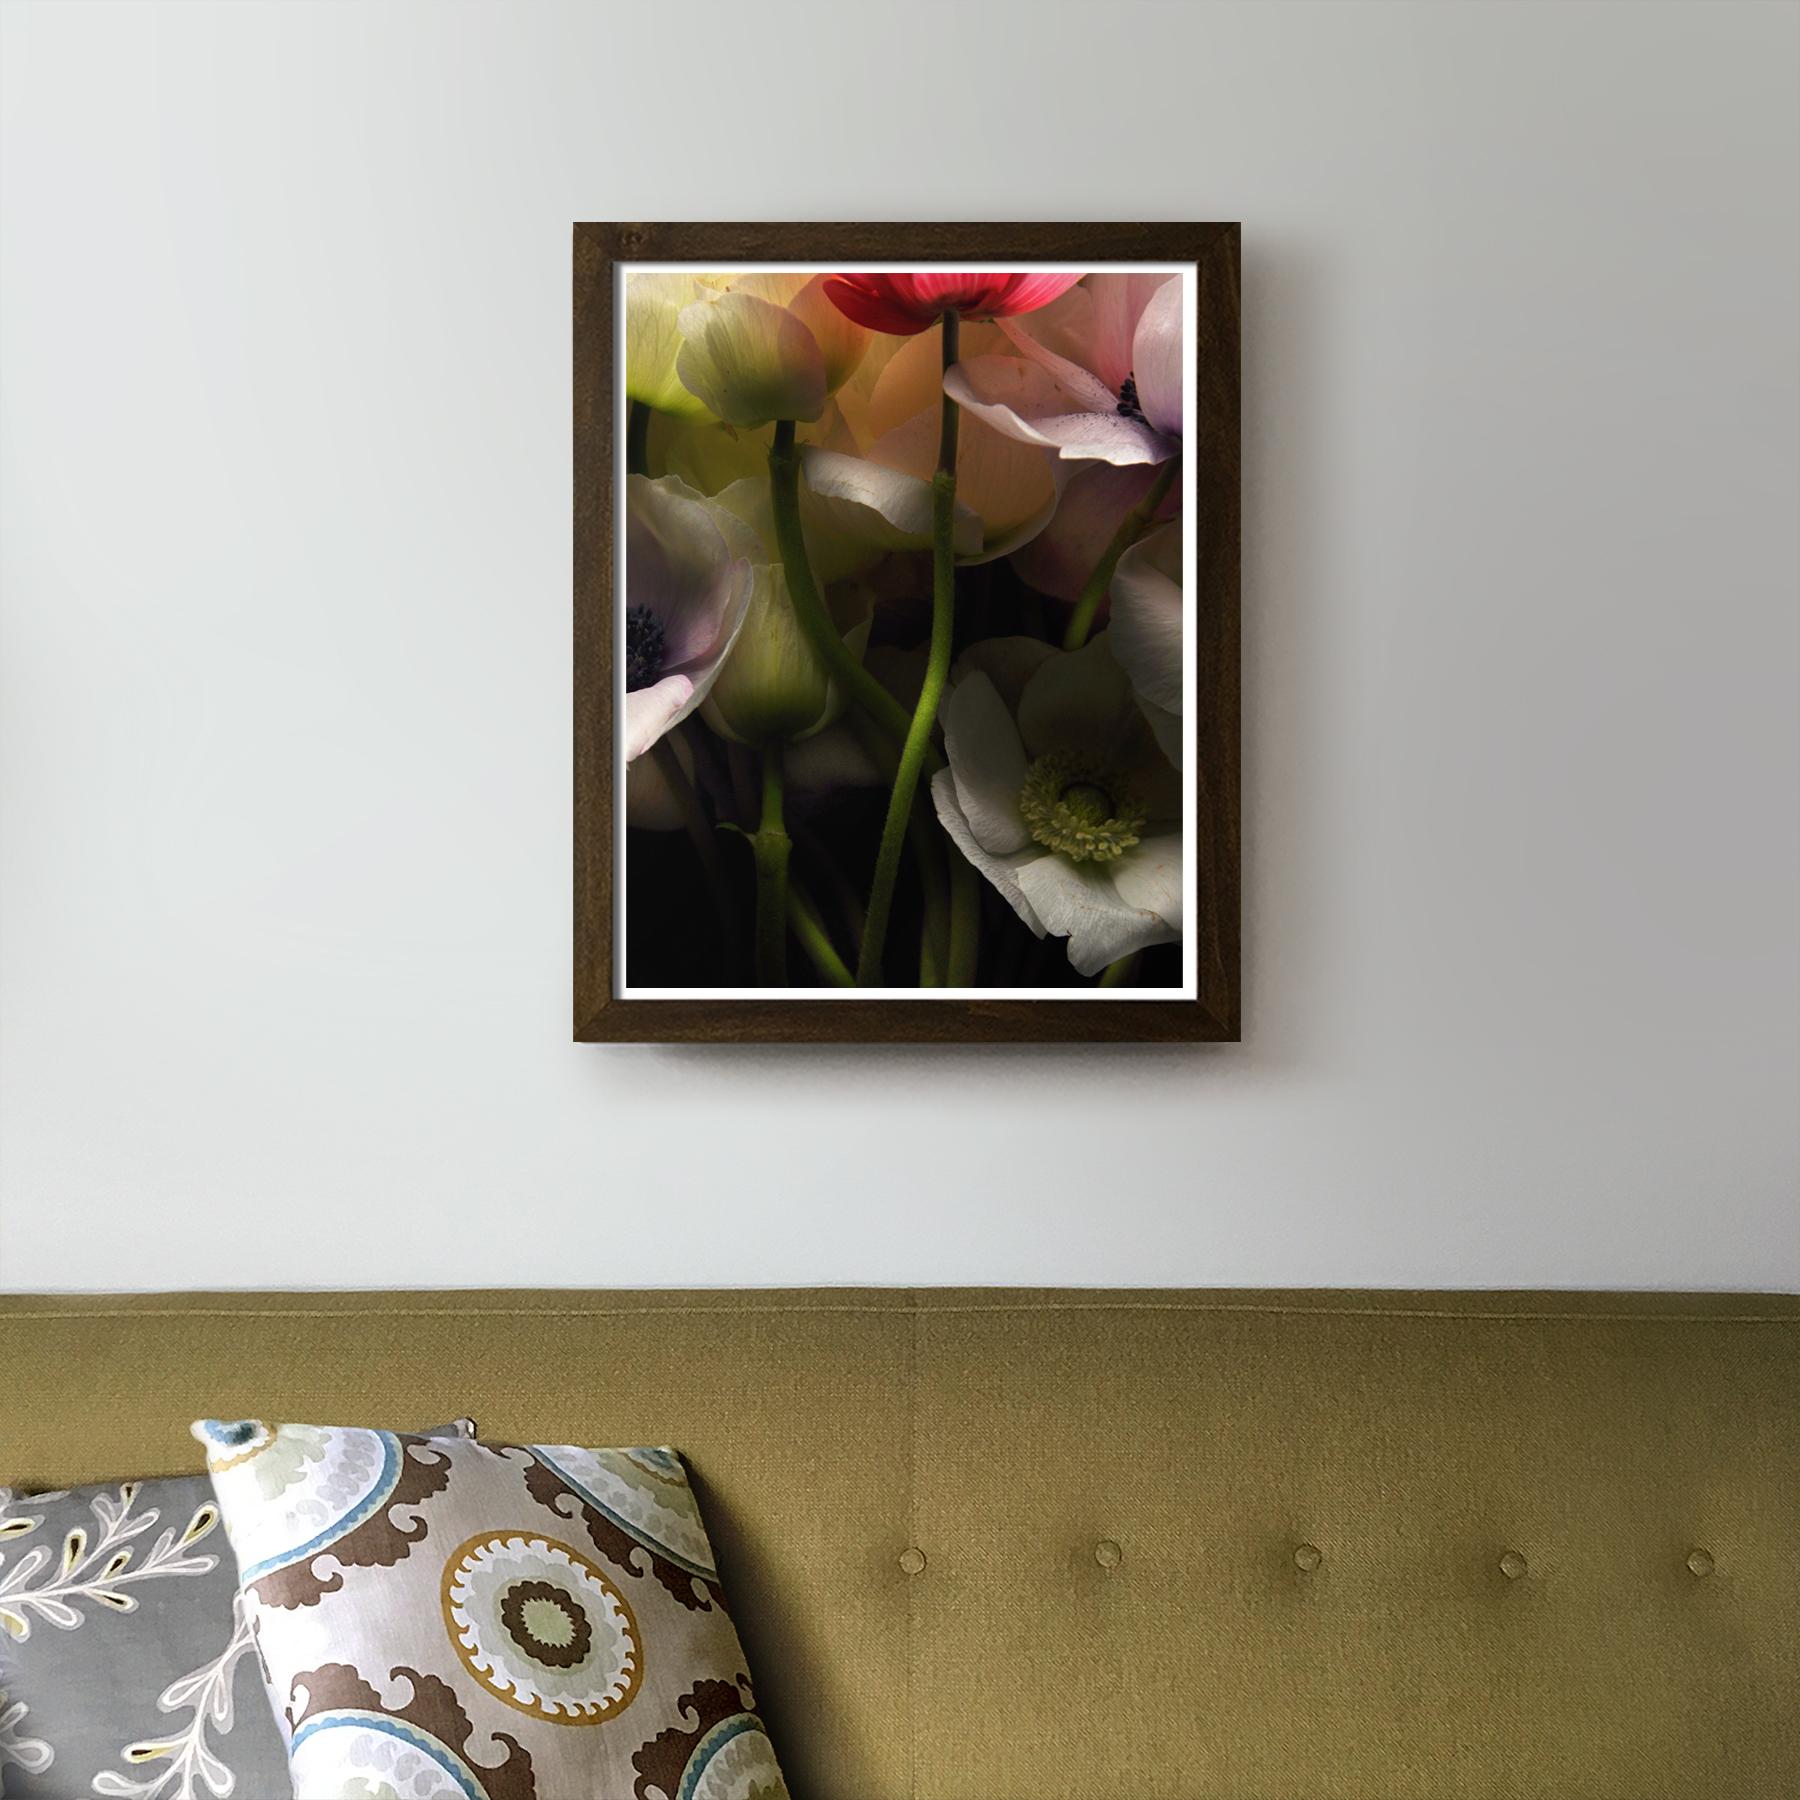 Dark Anemones in the Living Room